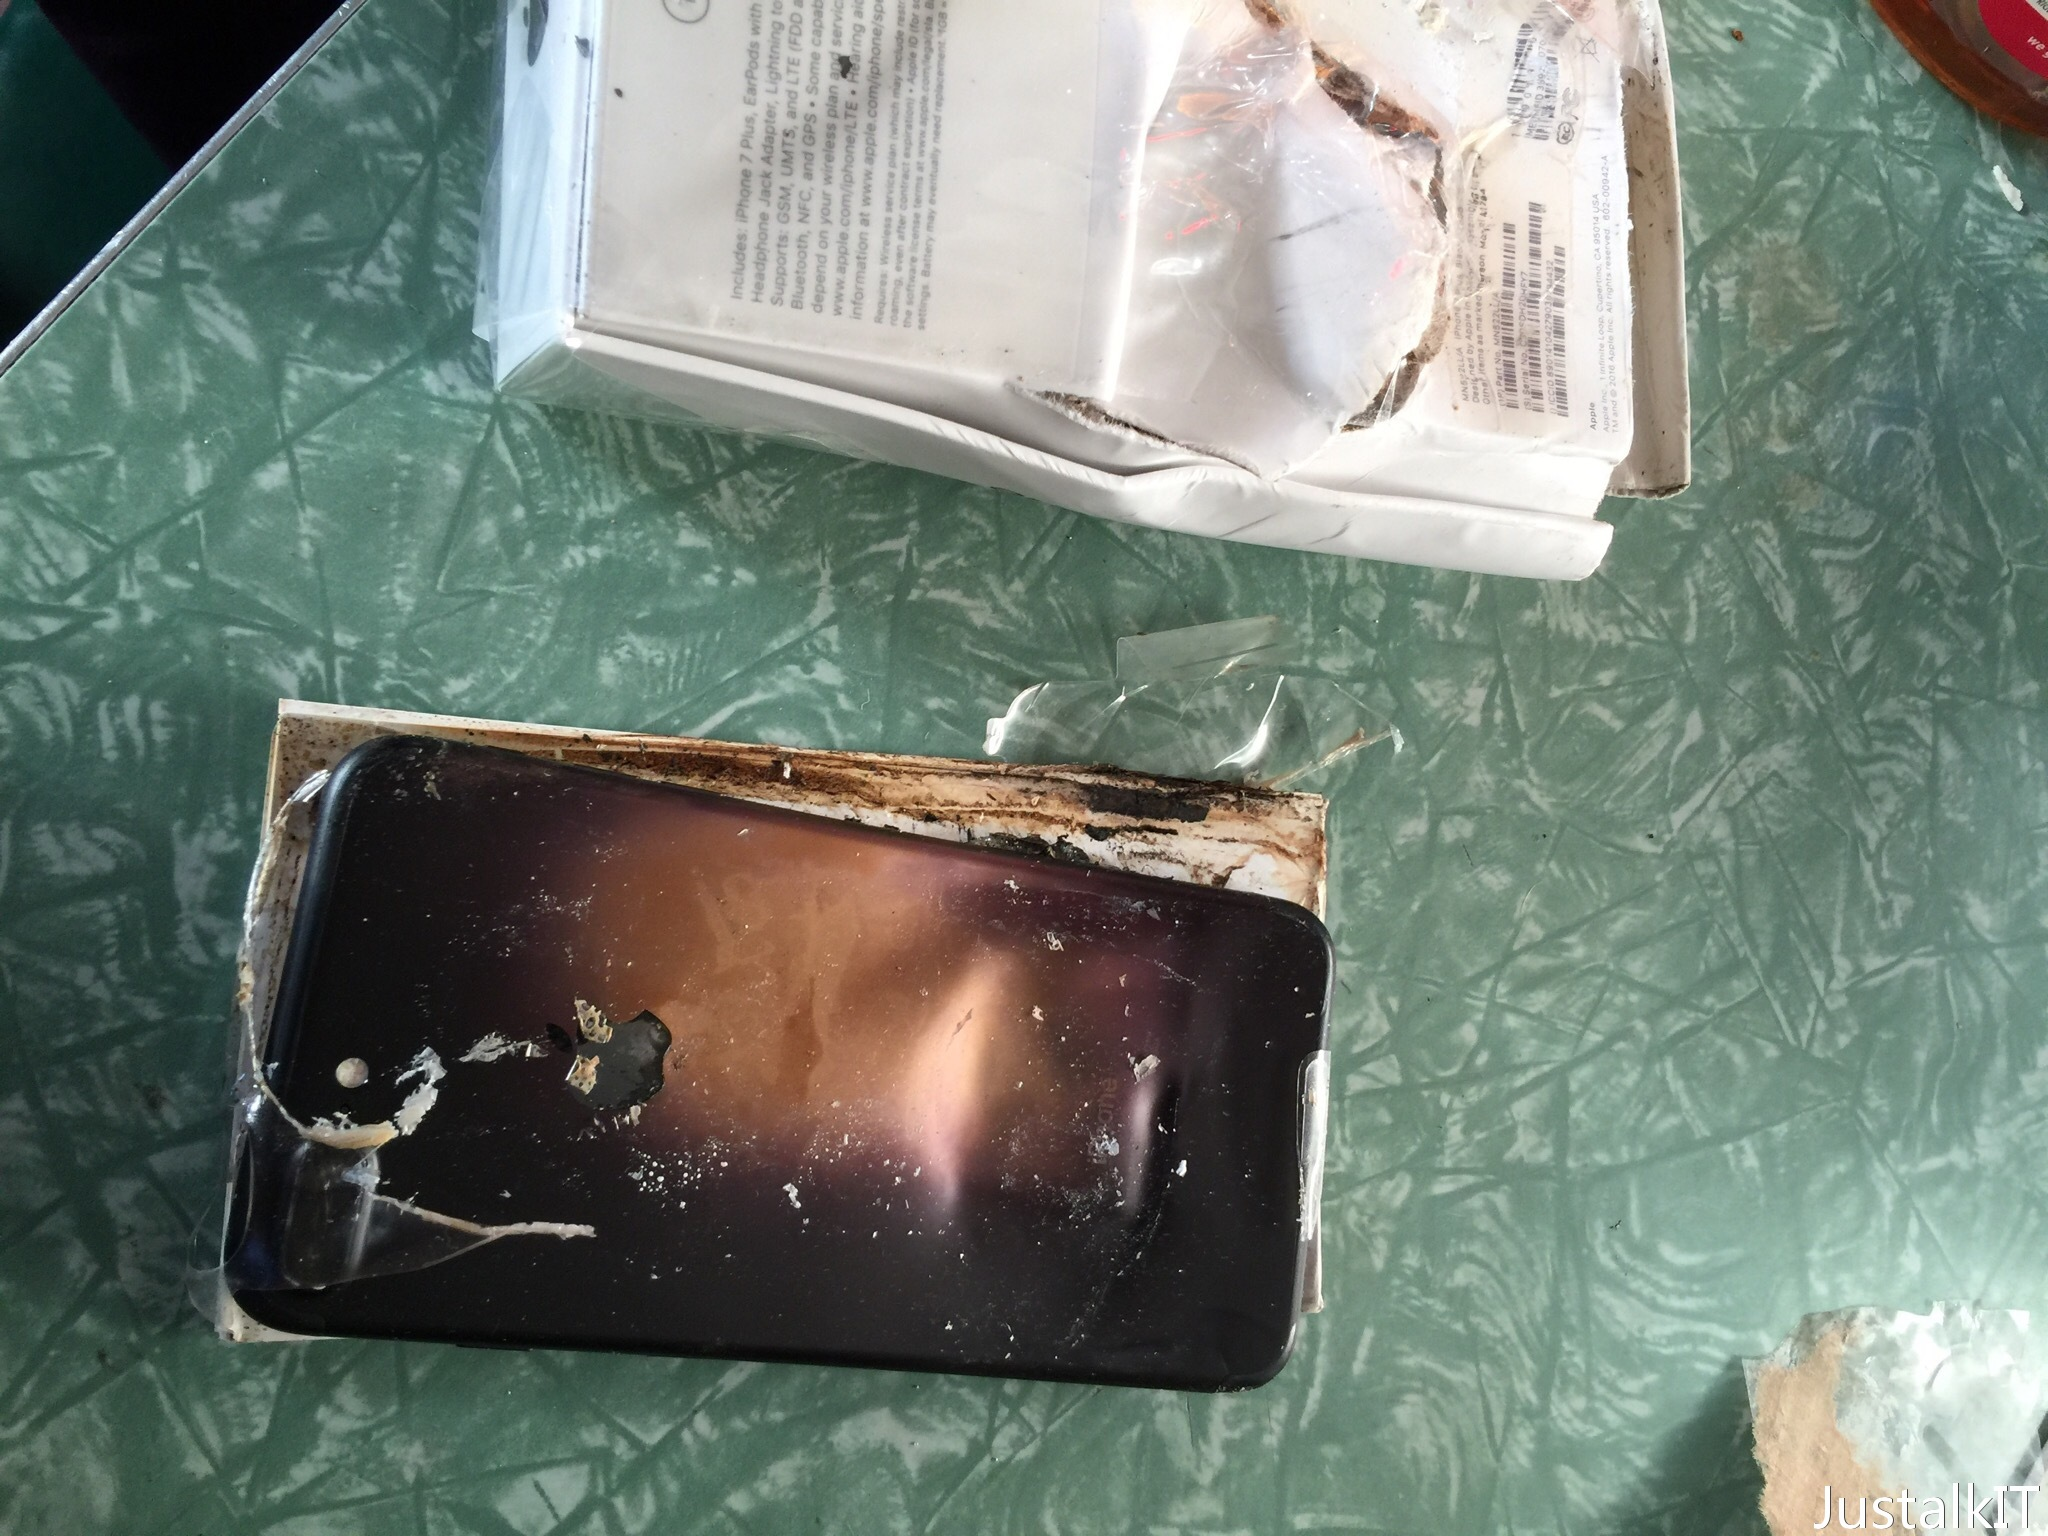 iPhone 7 爆炸 有新進展  機主:「運輸問題引致爆炸」